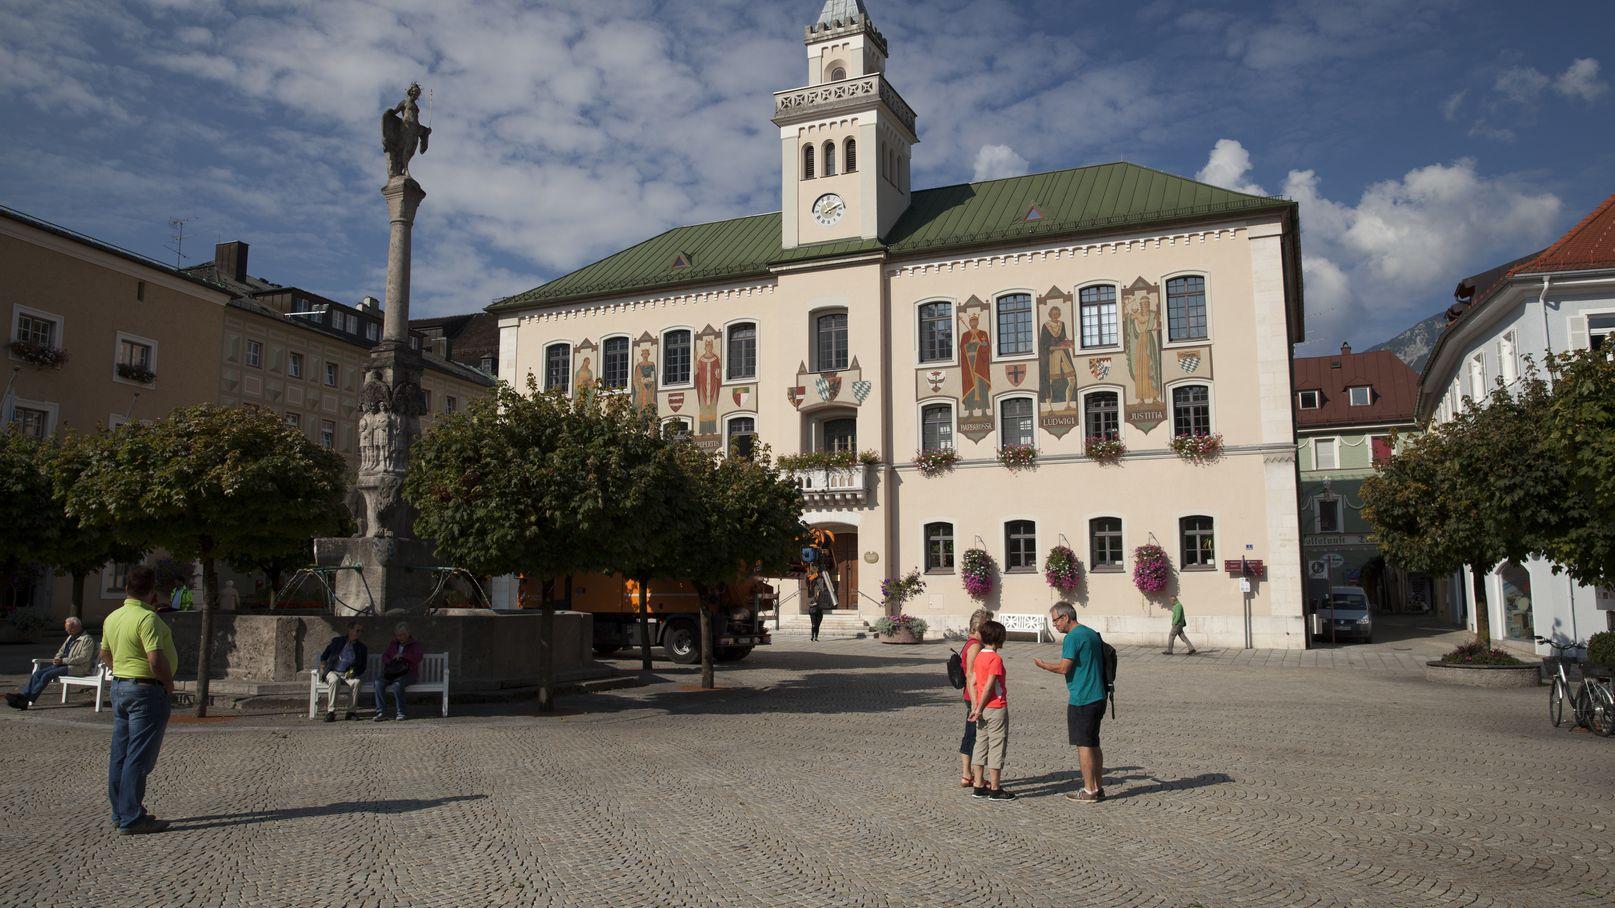 Das alte Rathaus von Bad Reichenhall